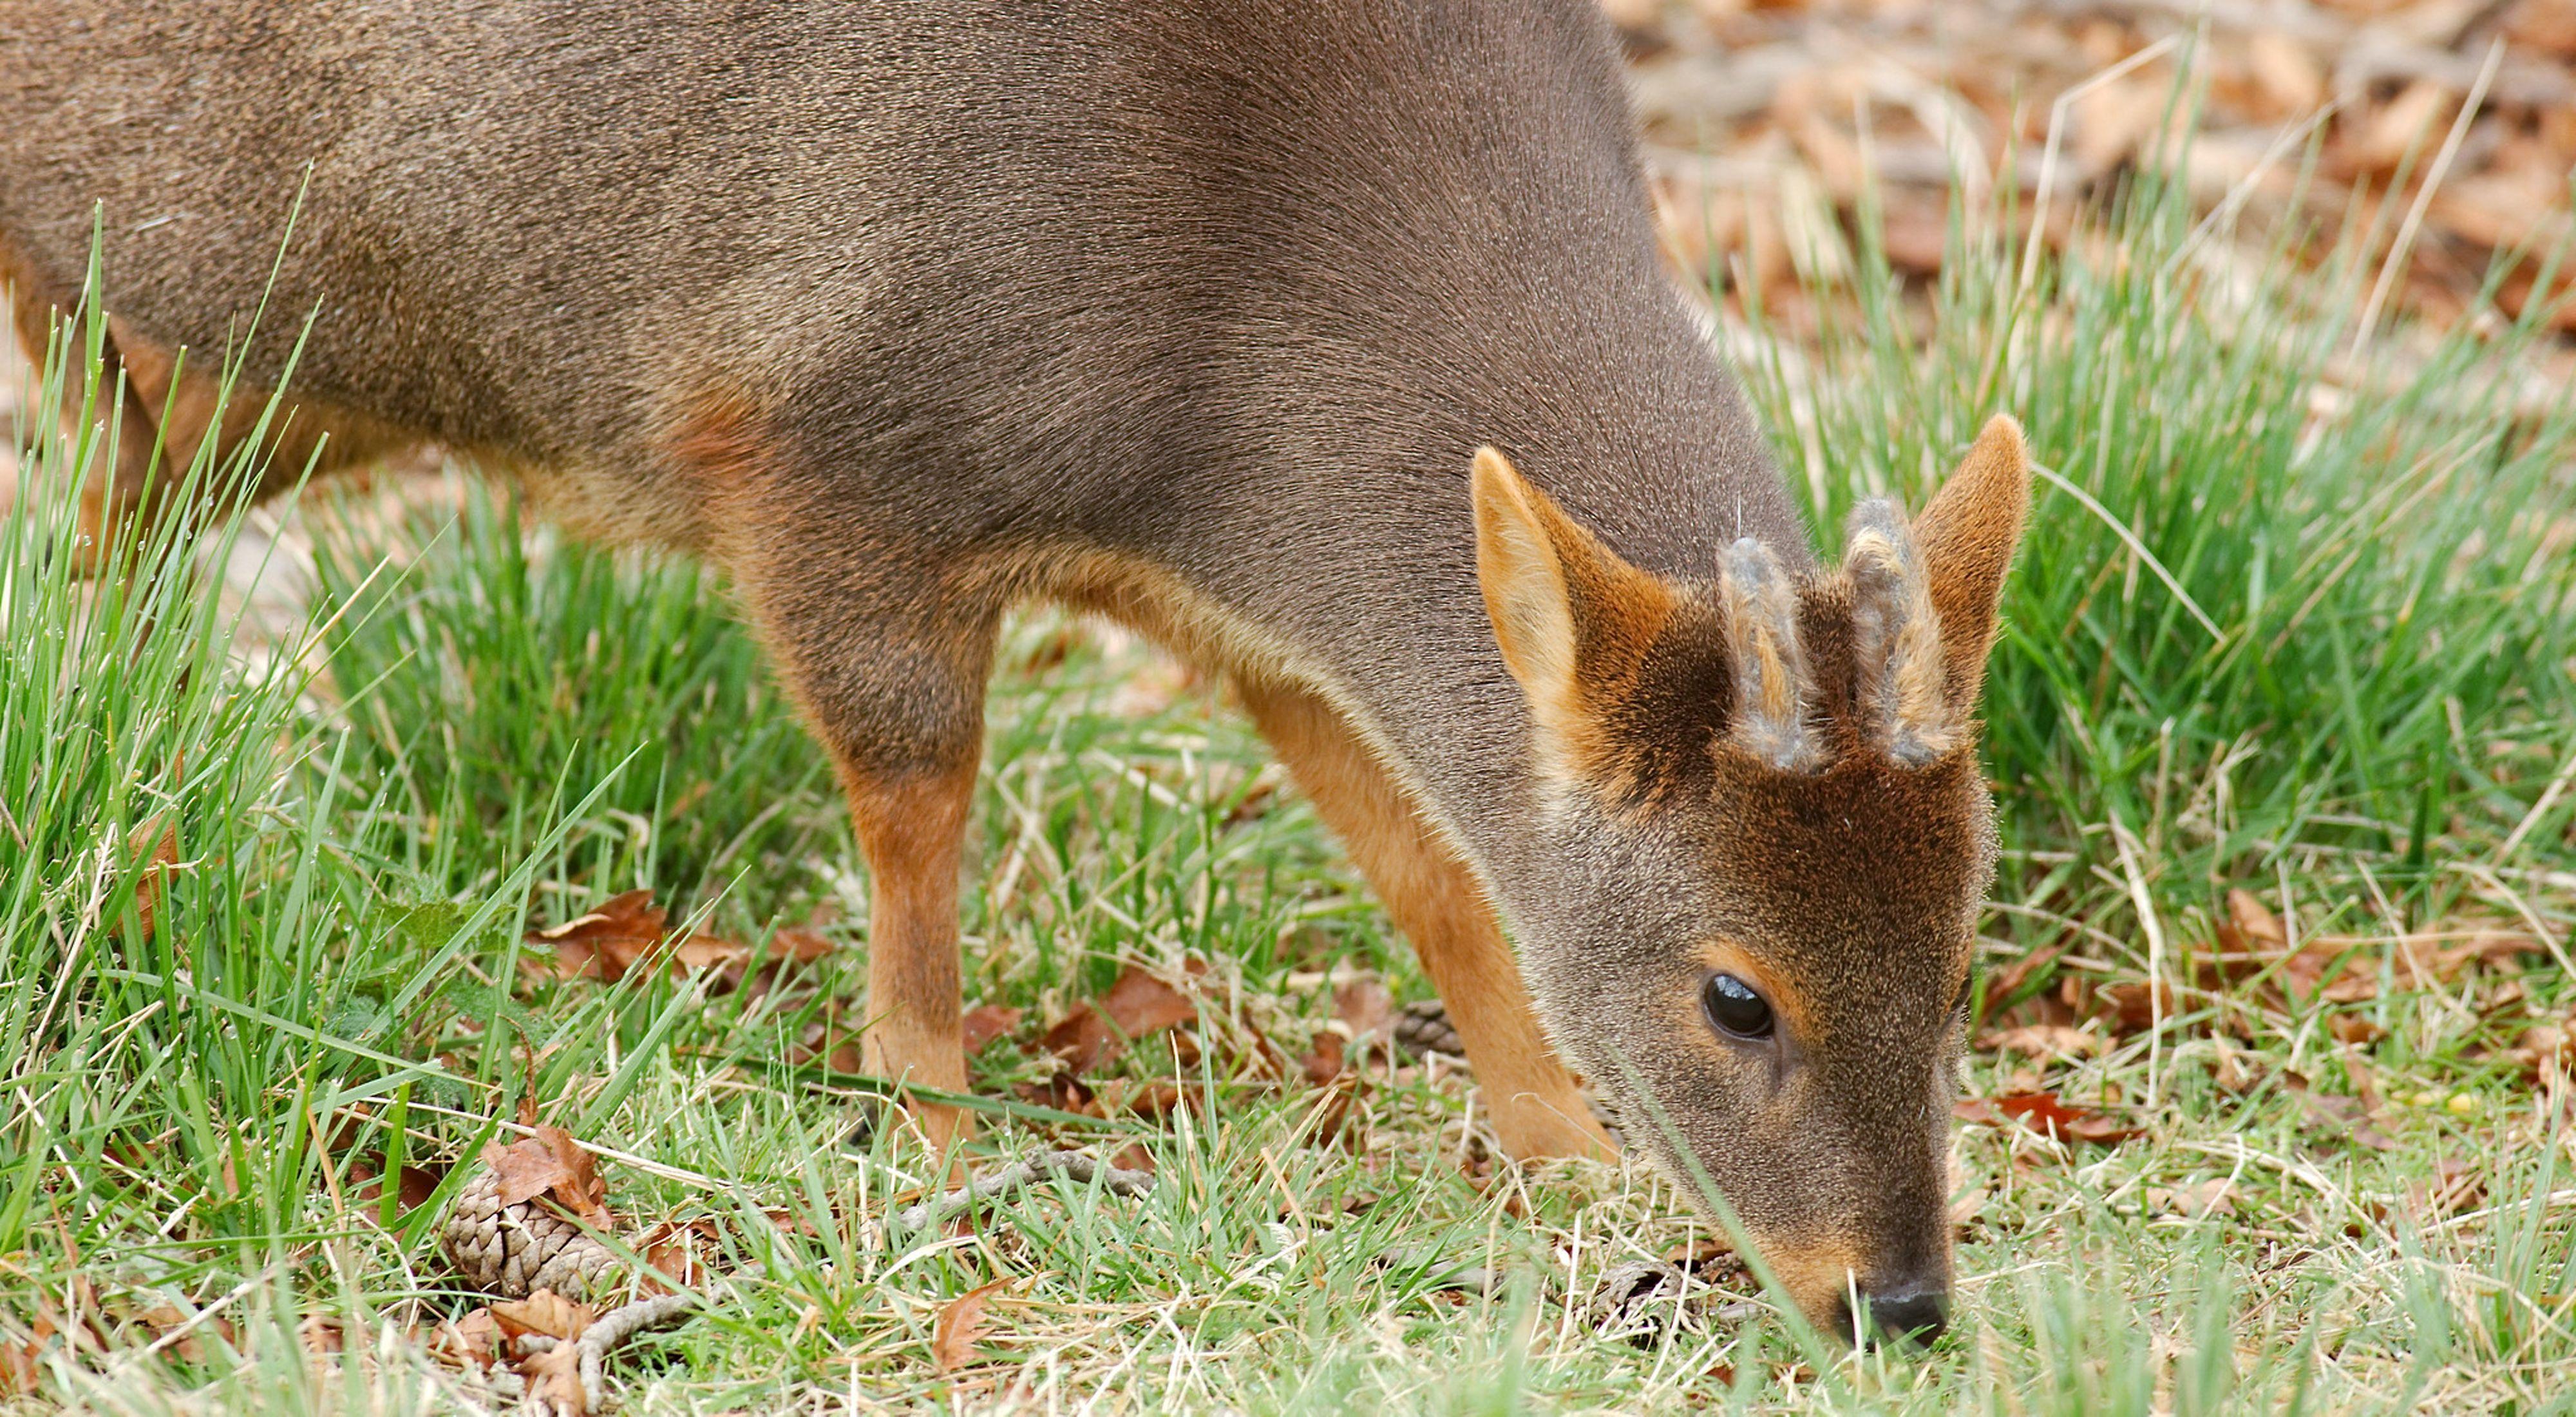 Pudu puda. Esta especie requiere de áreas de vegetación densa y baja para alimentarse, y es bastante tímido.